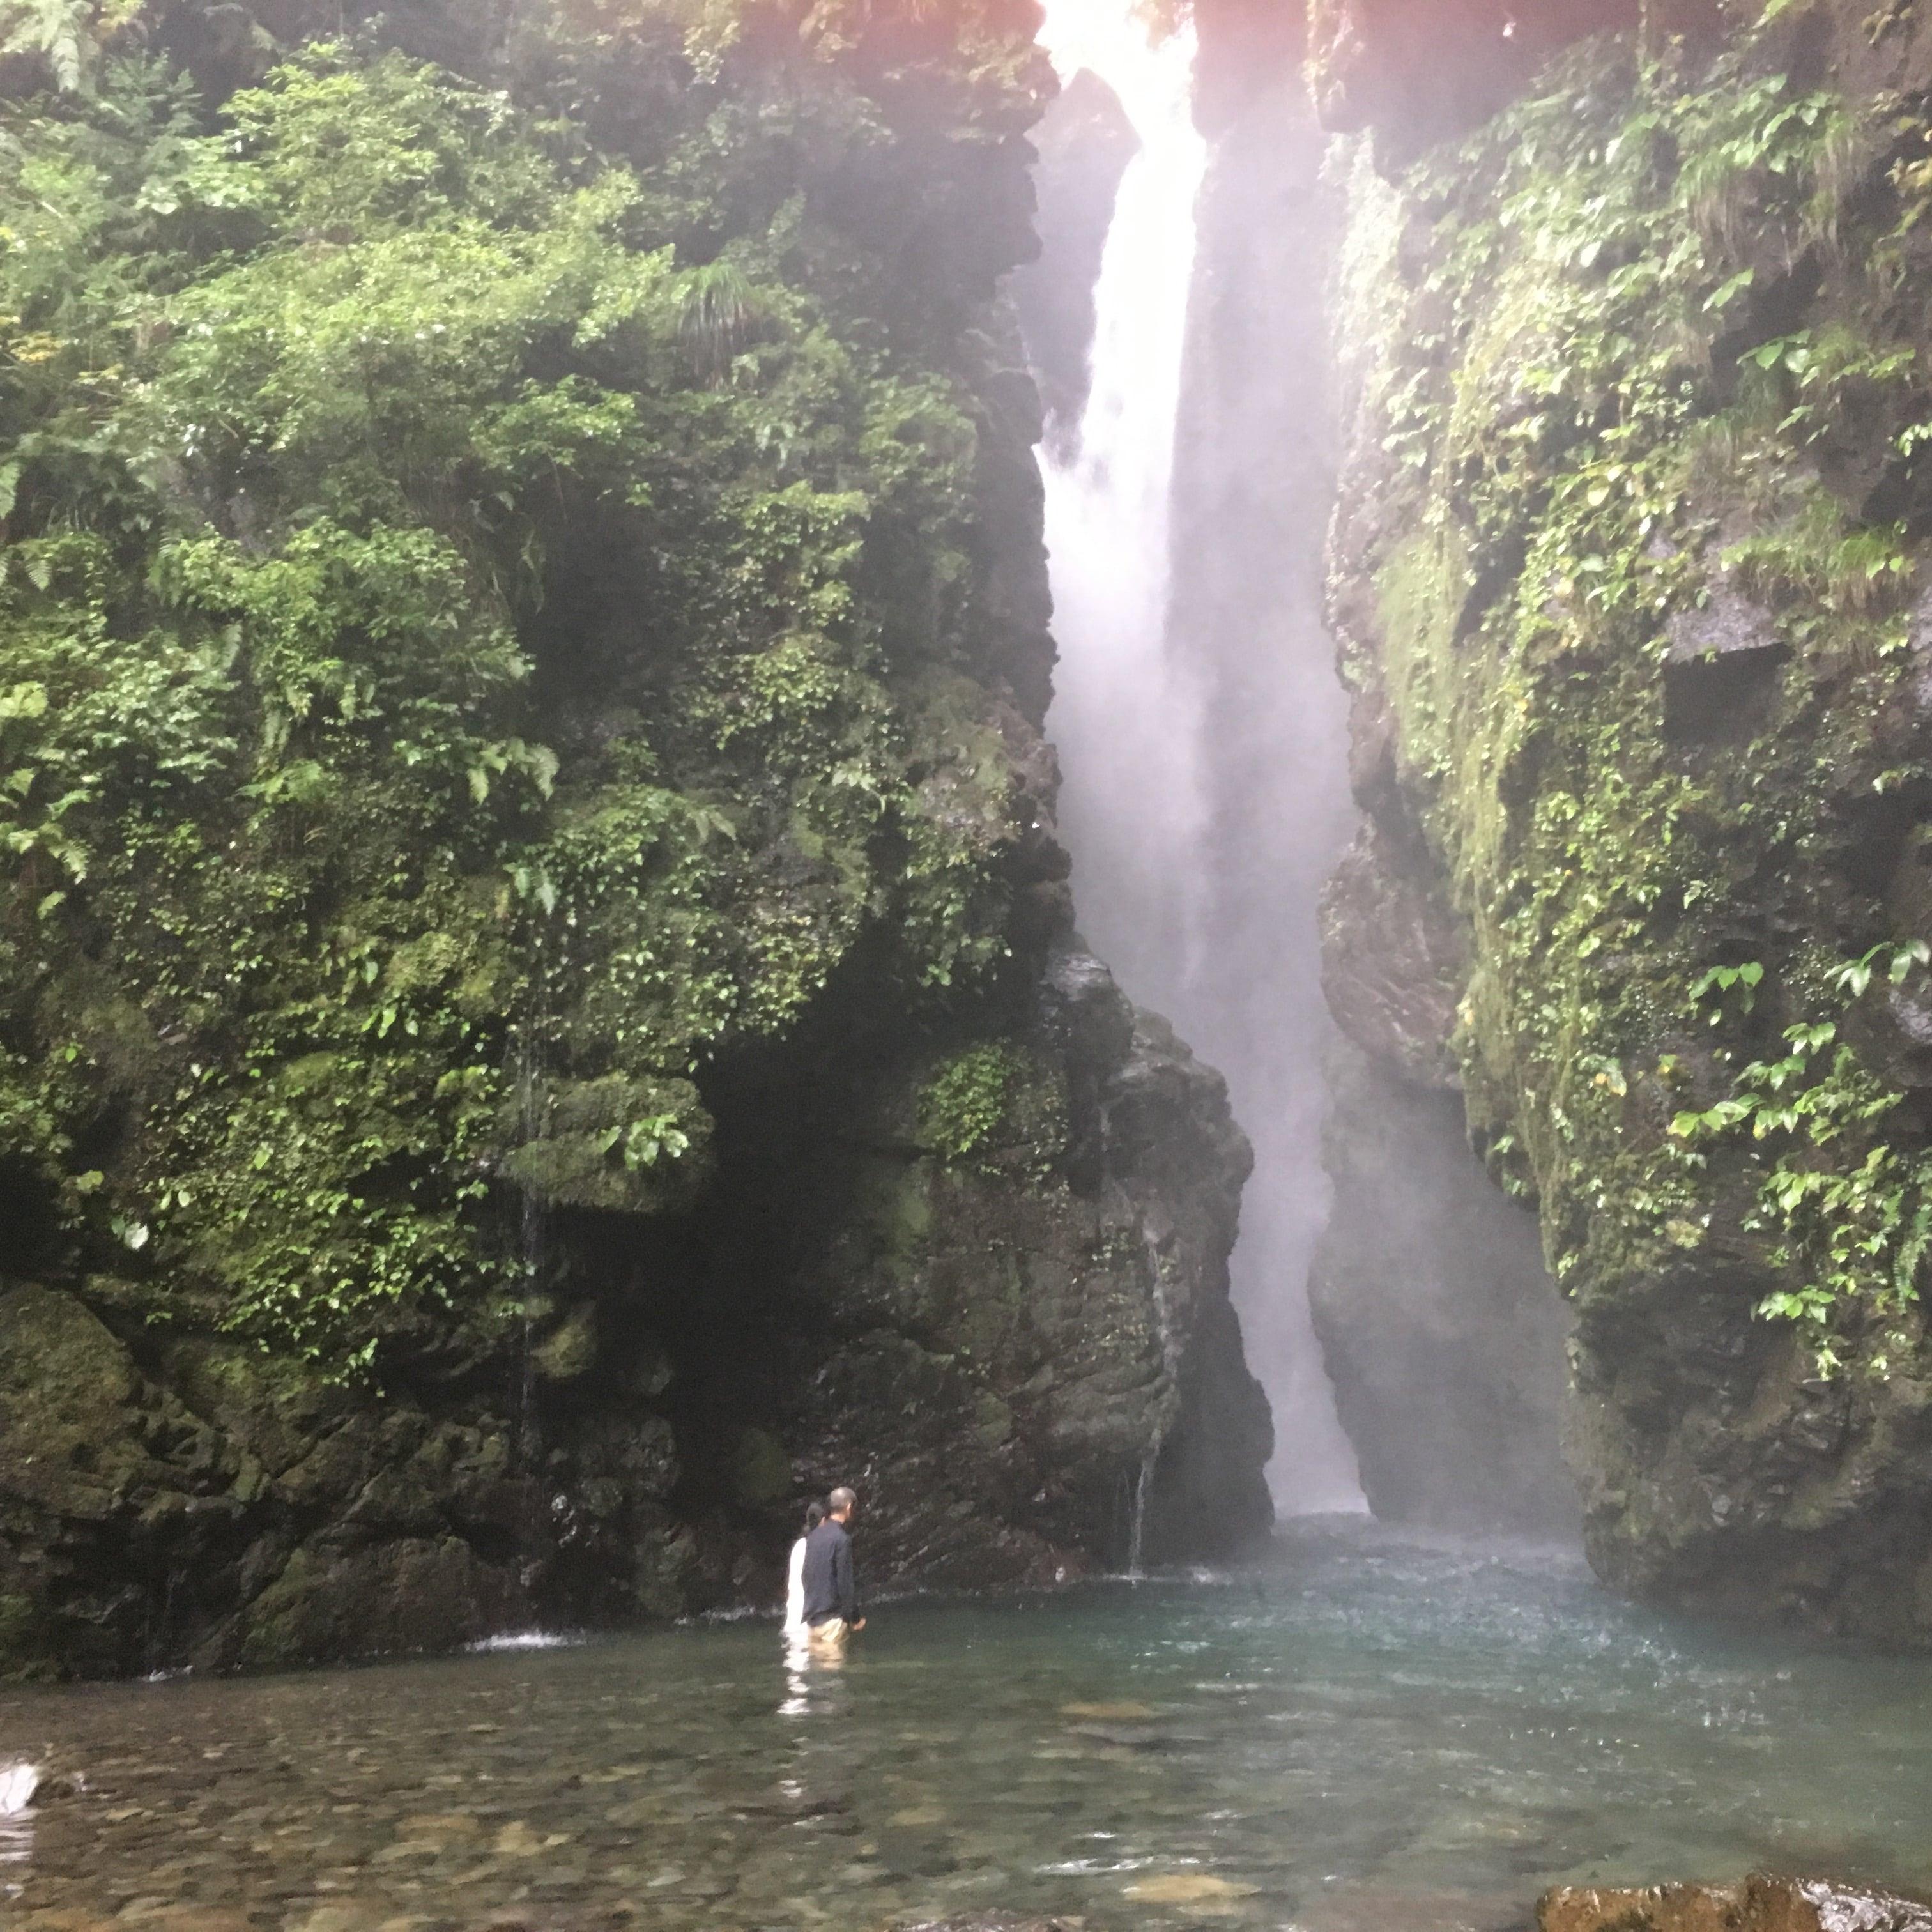 パラダイス四国の聖地ガイド二泊三日/シリウスブルー観光振興協会のお届けするスピリチュアルガイドツアーのイメージその1